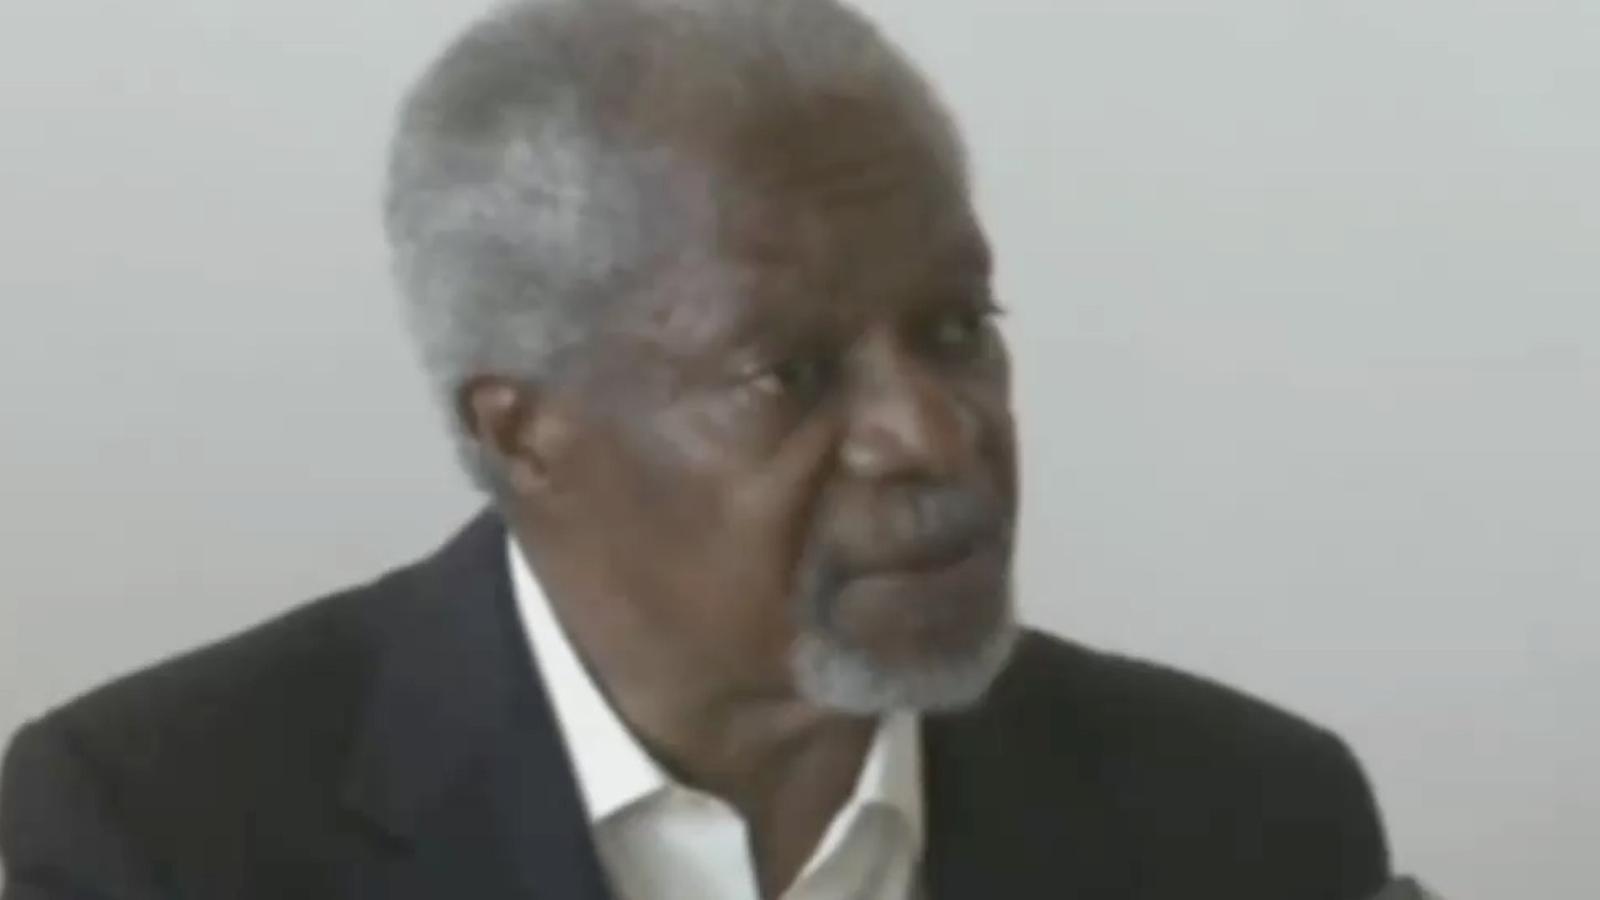 Kofi Annan visita els refugiats sirians de Turquia i demana la fi de la violència